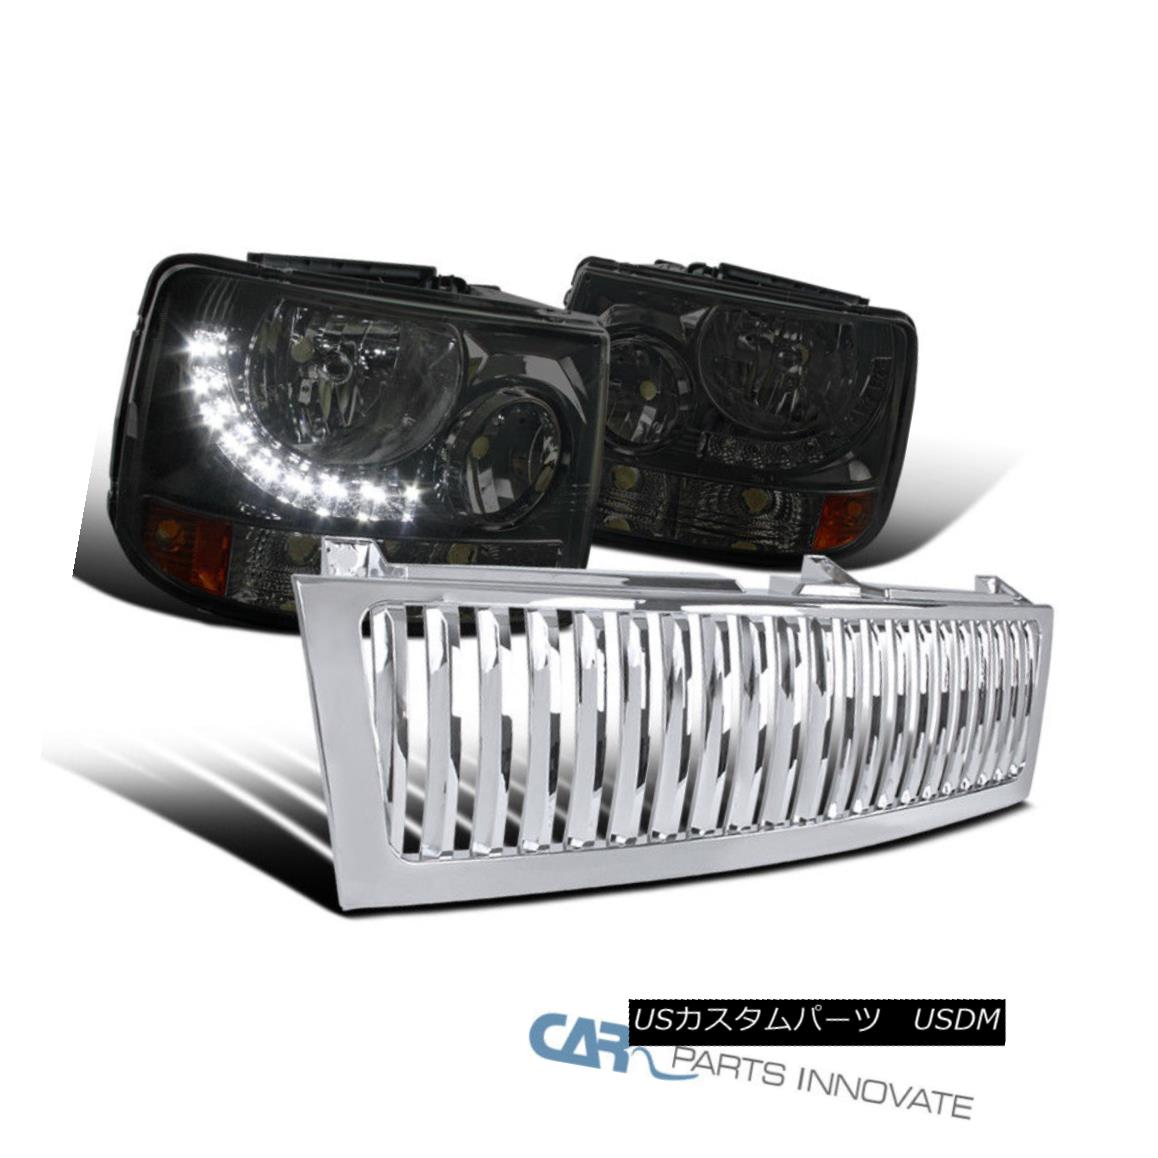 グリル 99-02 Silverado 2in1 Smoke Headlights Bumper Lamps+LED DRL+Chrome Hood Grille 99-02 Silverado 2in1スモークヘッドライトバンパーランプ+ LED DRL +クロムフードグリル